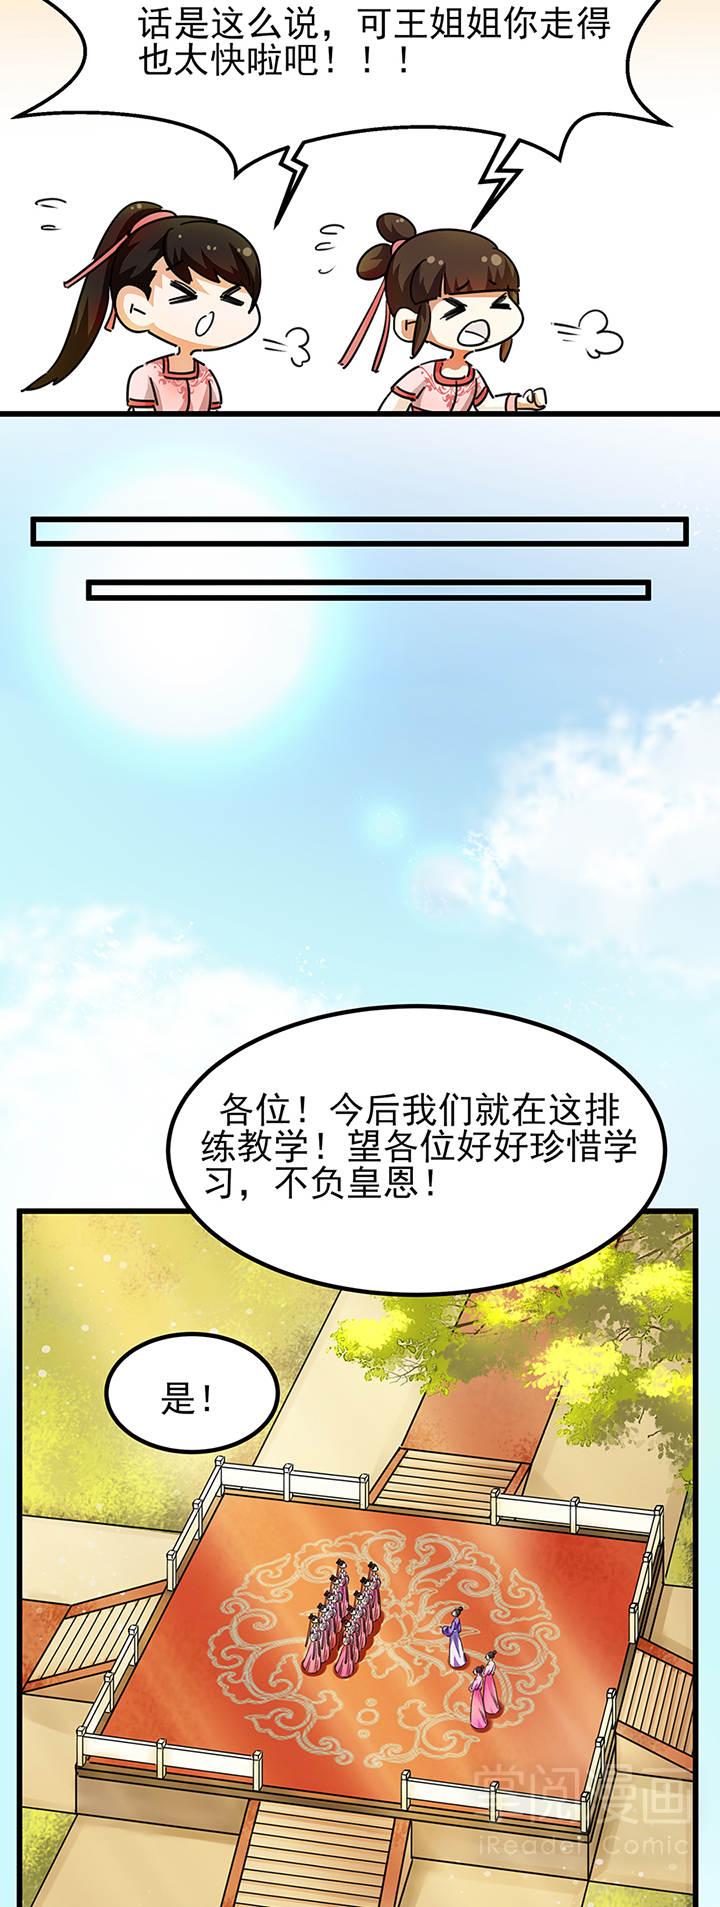 晚唐烟华第11话  赠惜缘 第 8